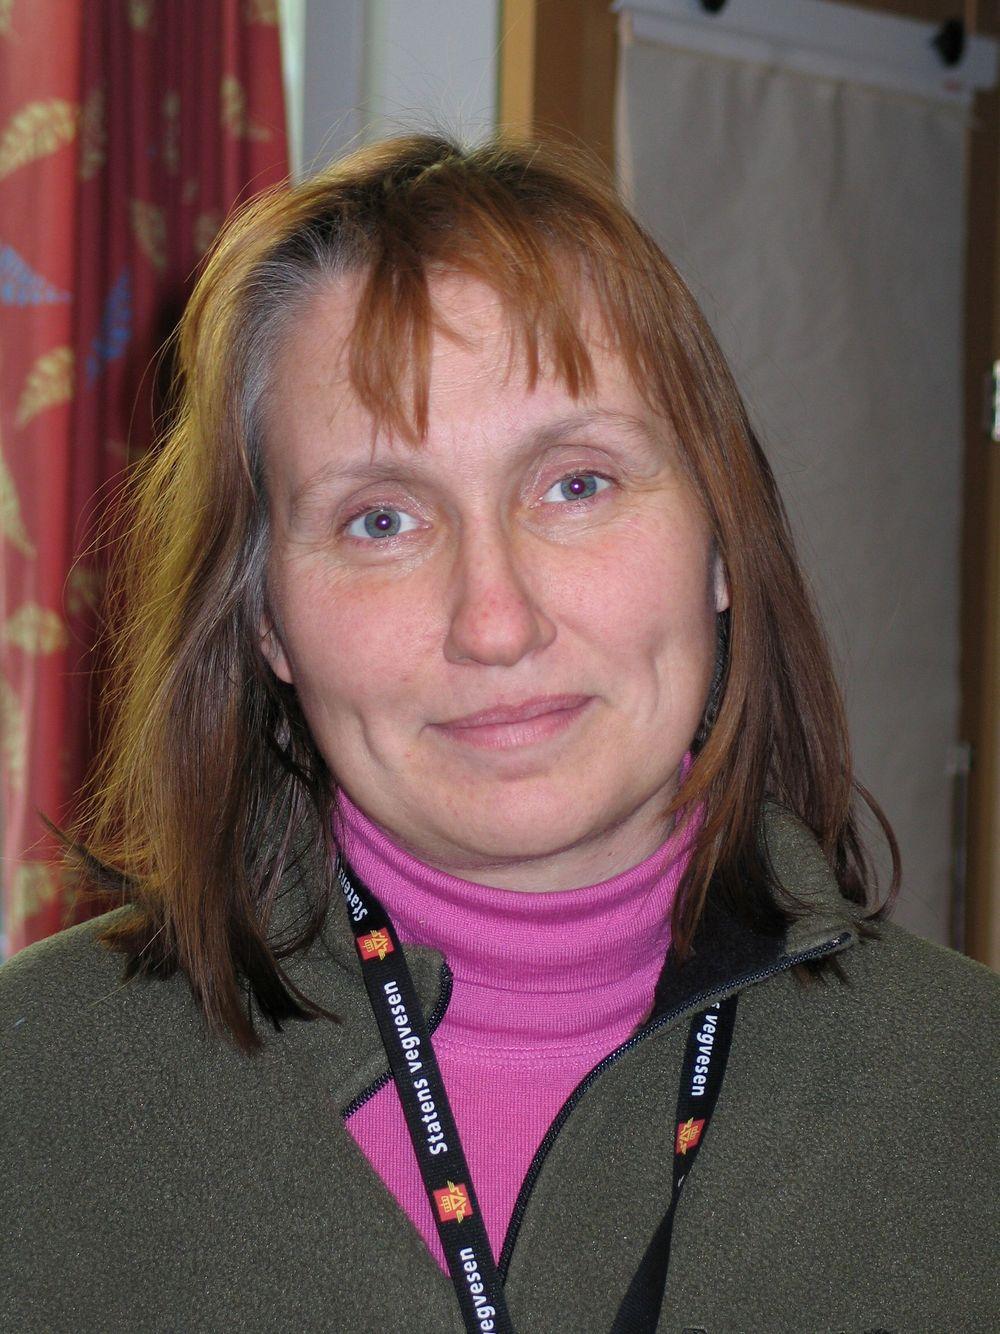 Lene Mürer er trolig et av de sterkeste kortene i søkerbunken til stillingen som ny vegdirektør. Hun er kvinne, 45 år og har samtidig bred erfaring fra lederstillinger i Statens vegvesen.